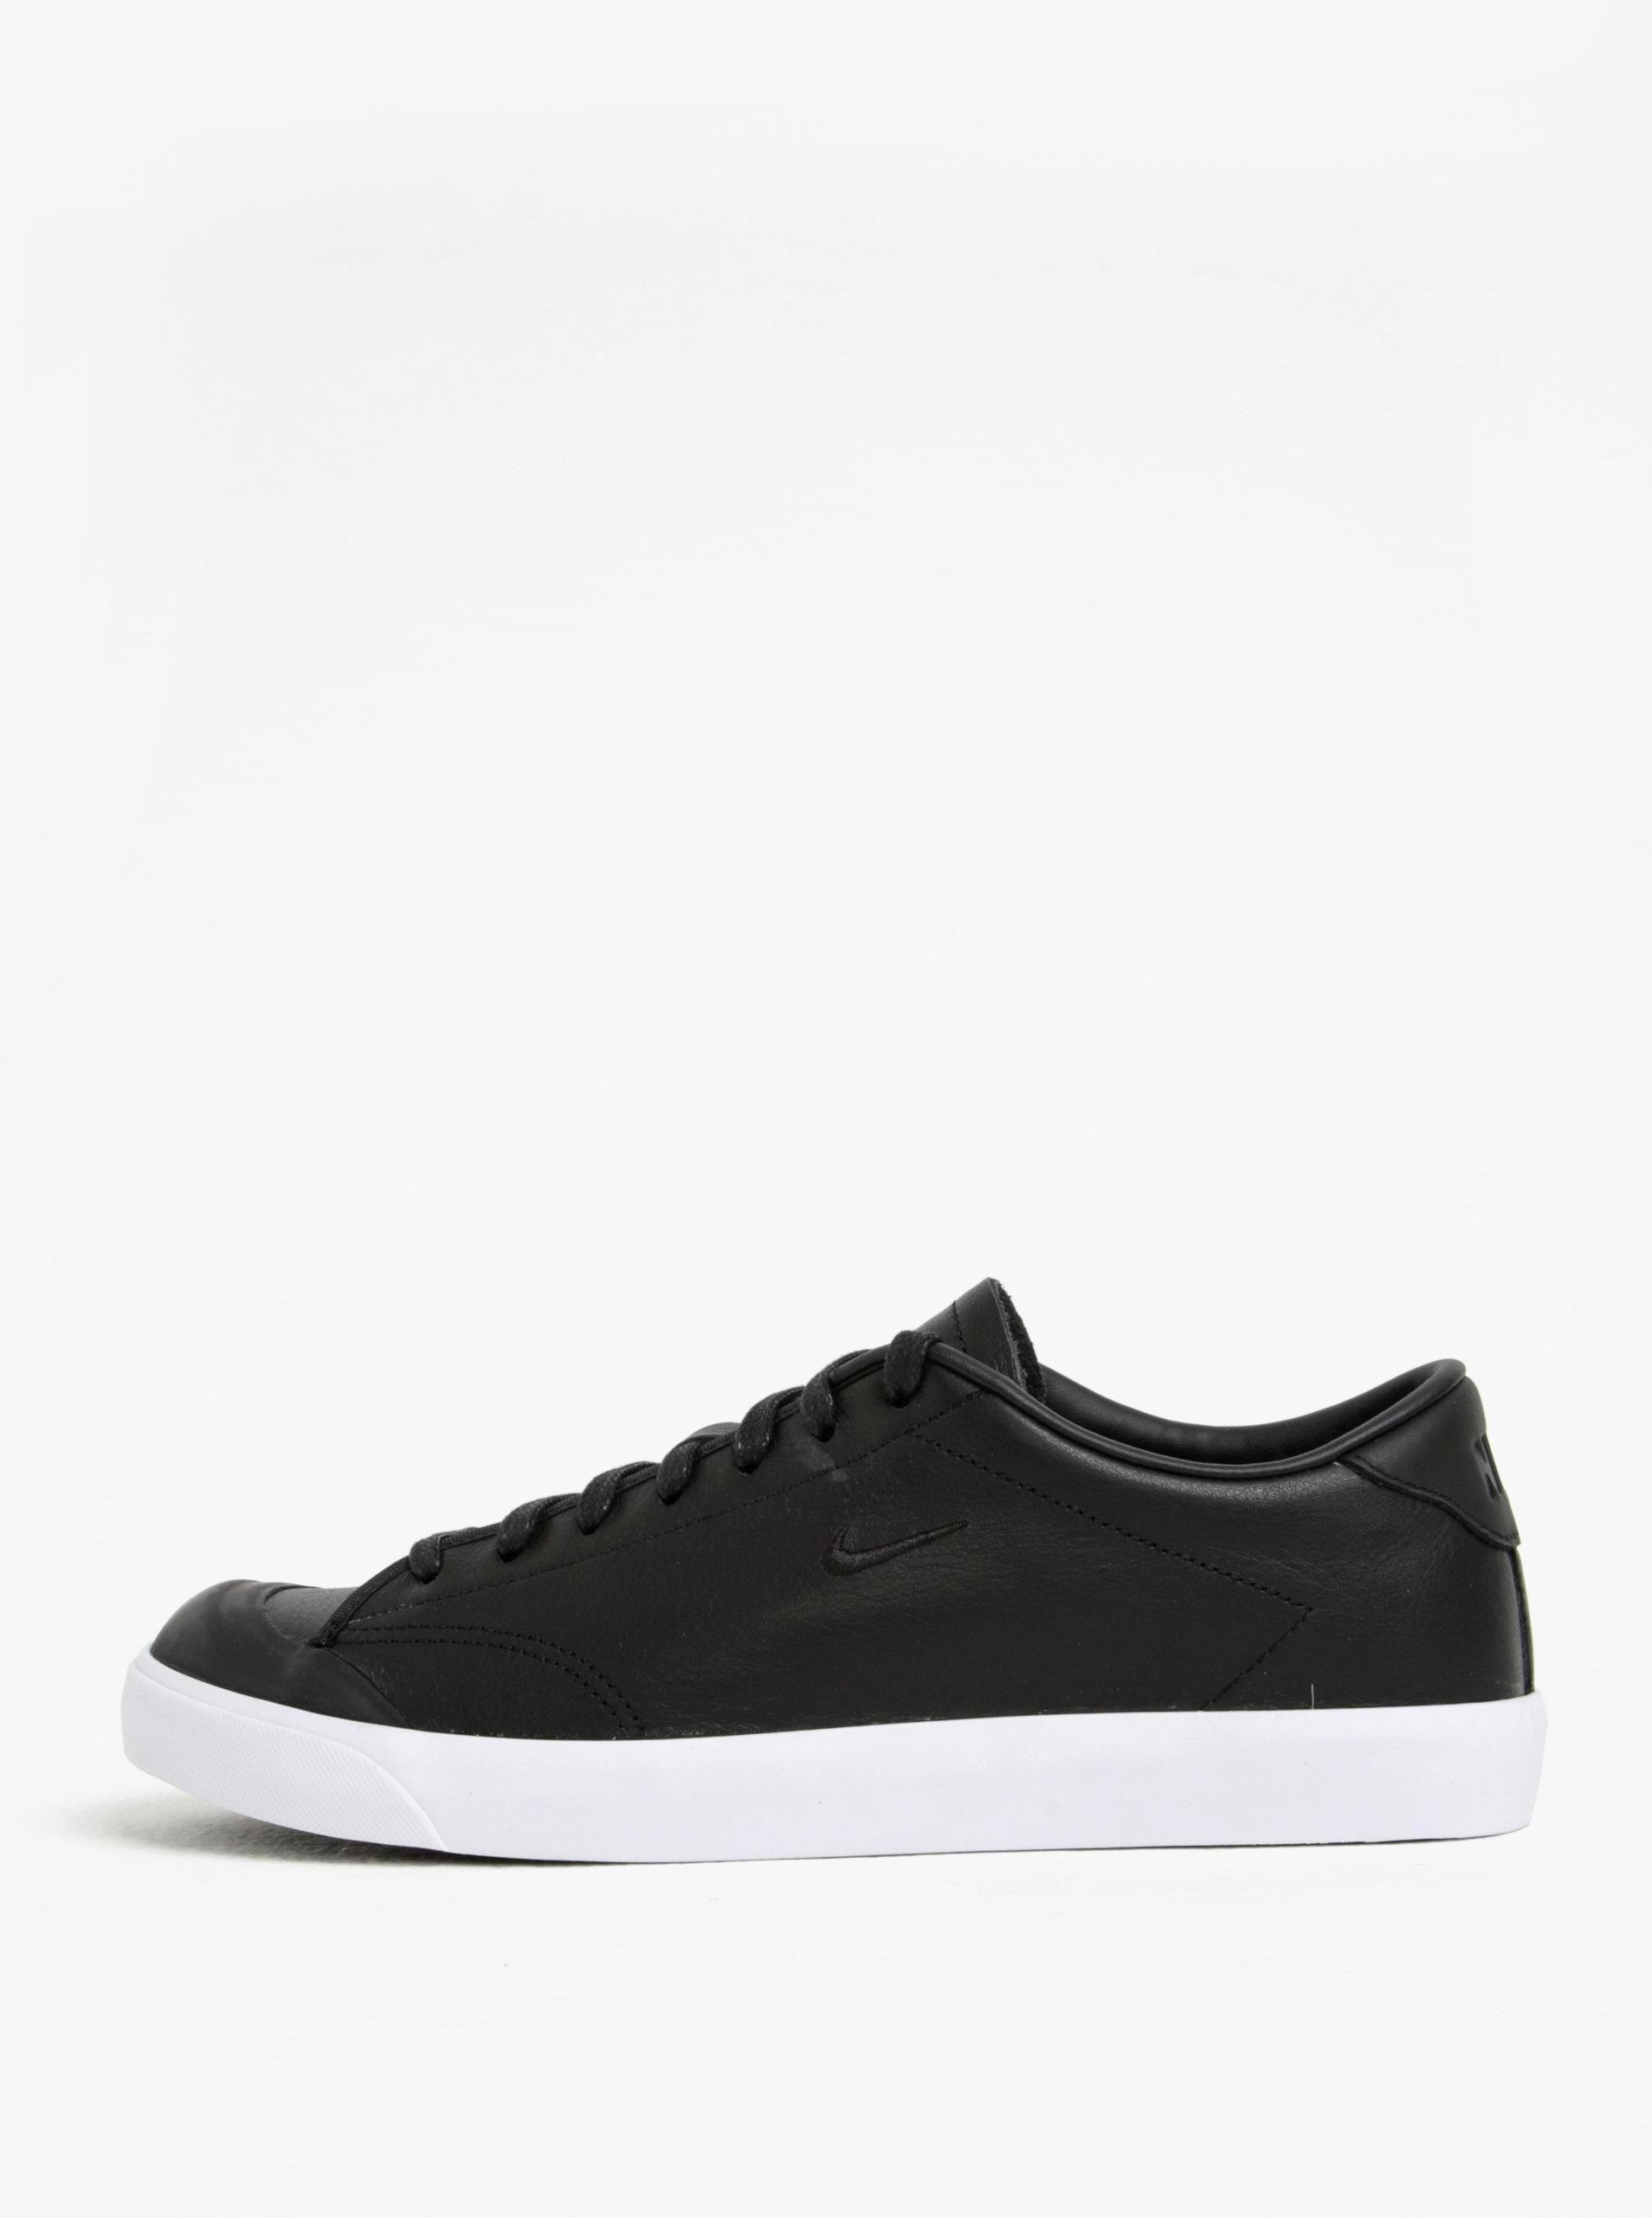 Čierne pánske kožené tenisky Nike All Court 2 Low ... a7f9e82a562